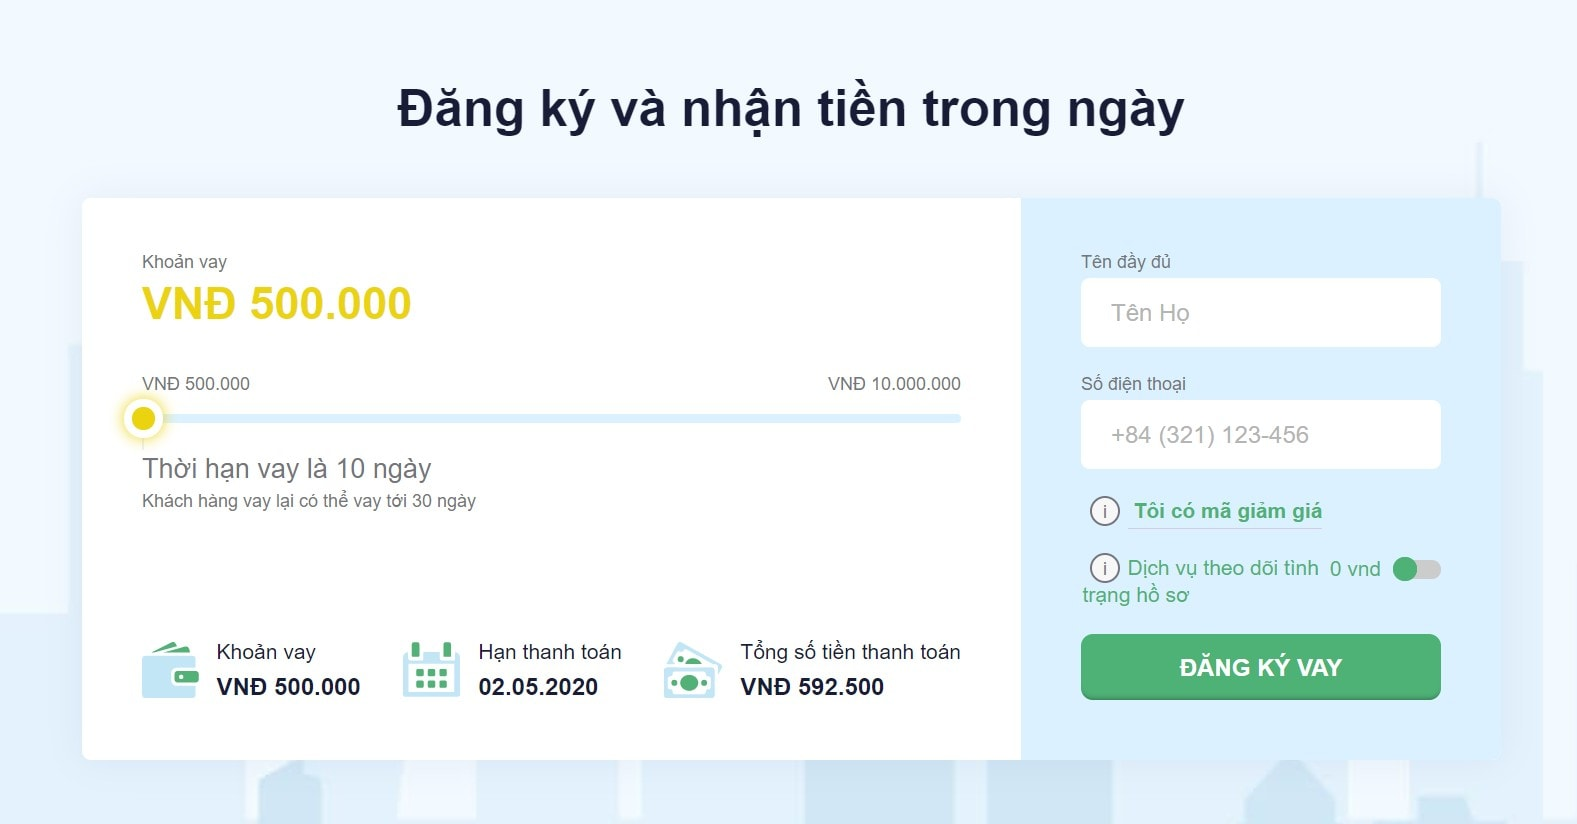 Senmo đưa ra các tiêu chí khá đơn giản khi khách hàng vay online